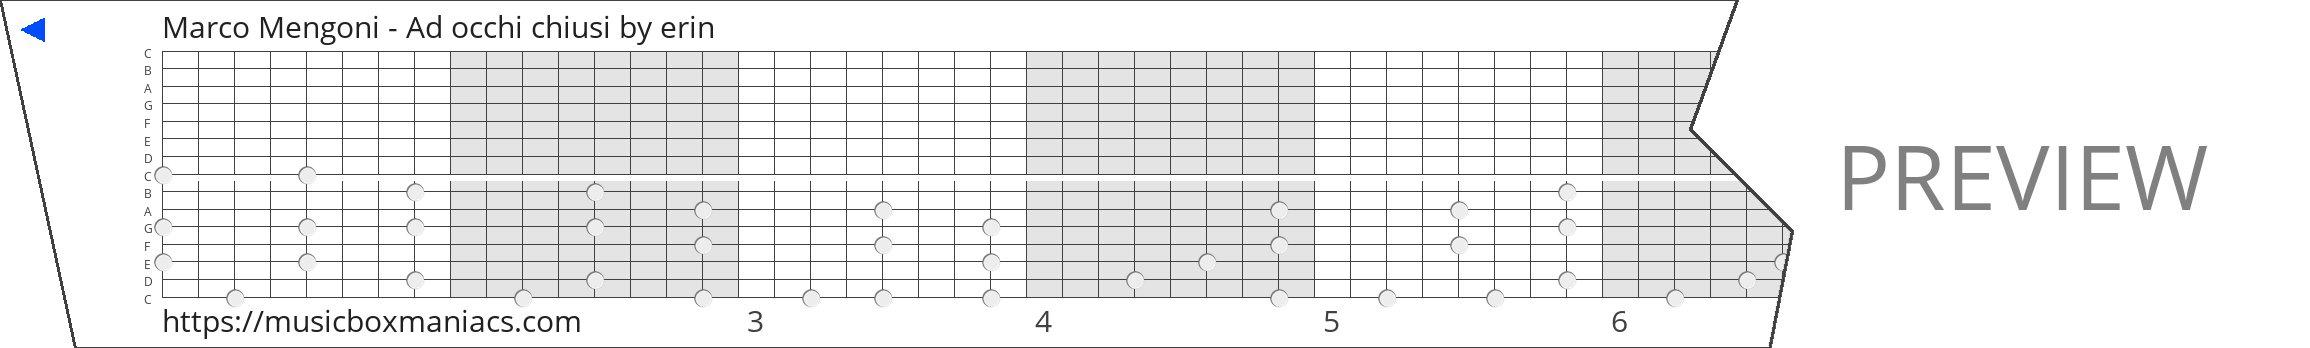 Marco Mengoni - Ad occhi chiusi 15 note music box paper strip